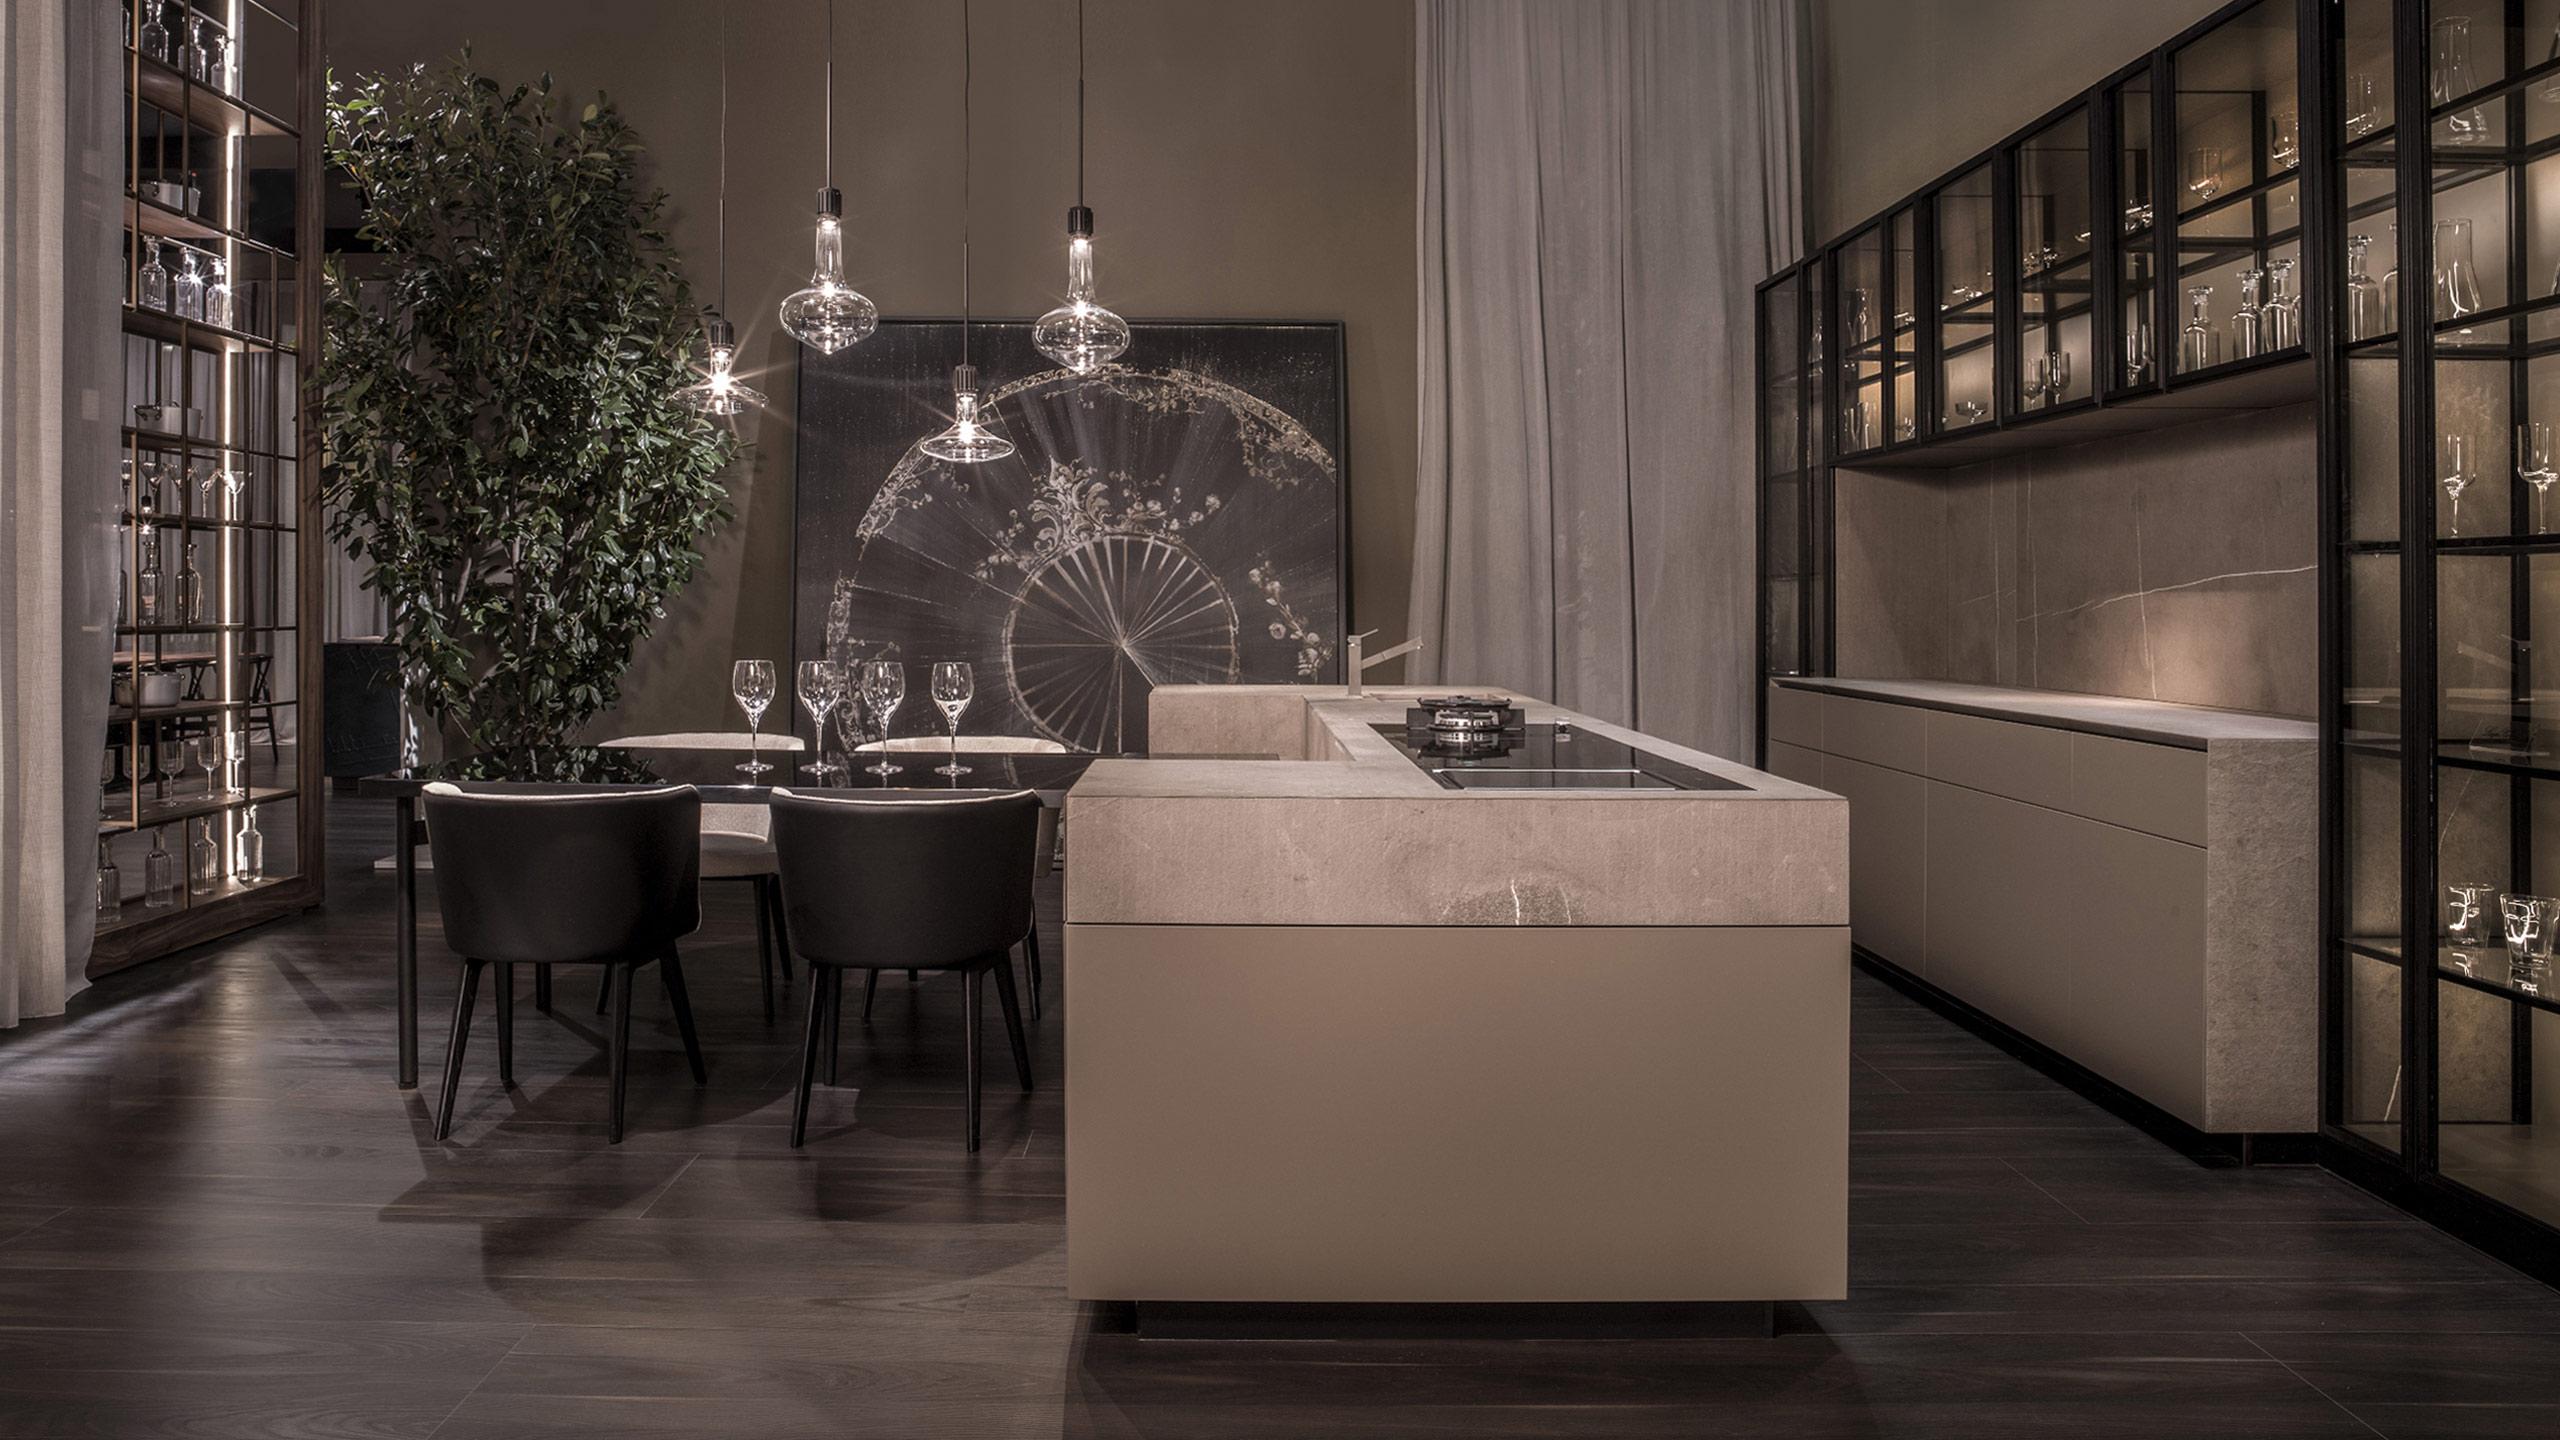 Cucina Modello Monolite - SCIC Italia - SCIC Cucine